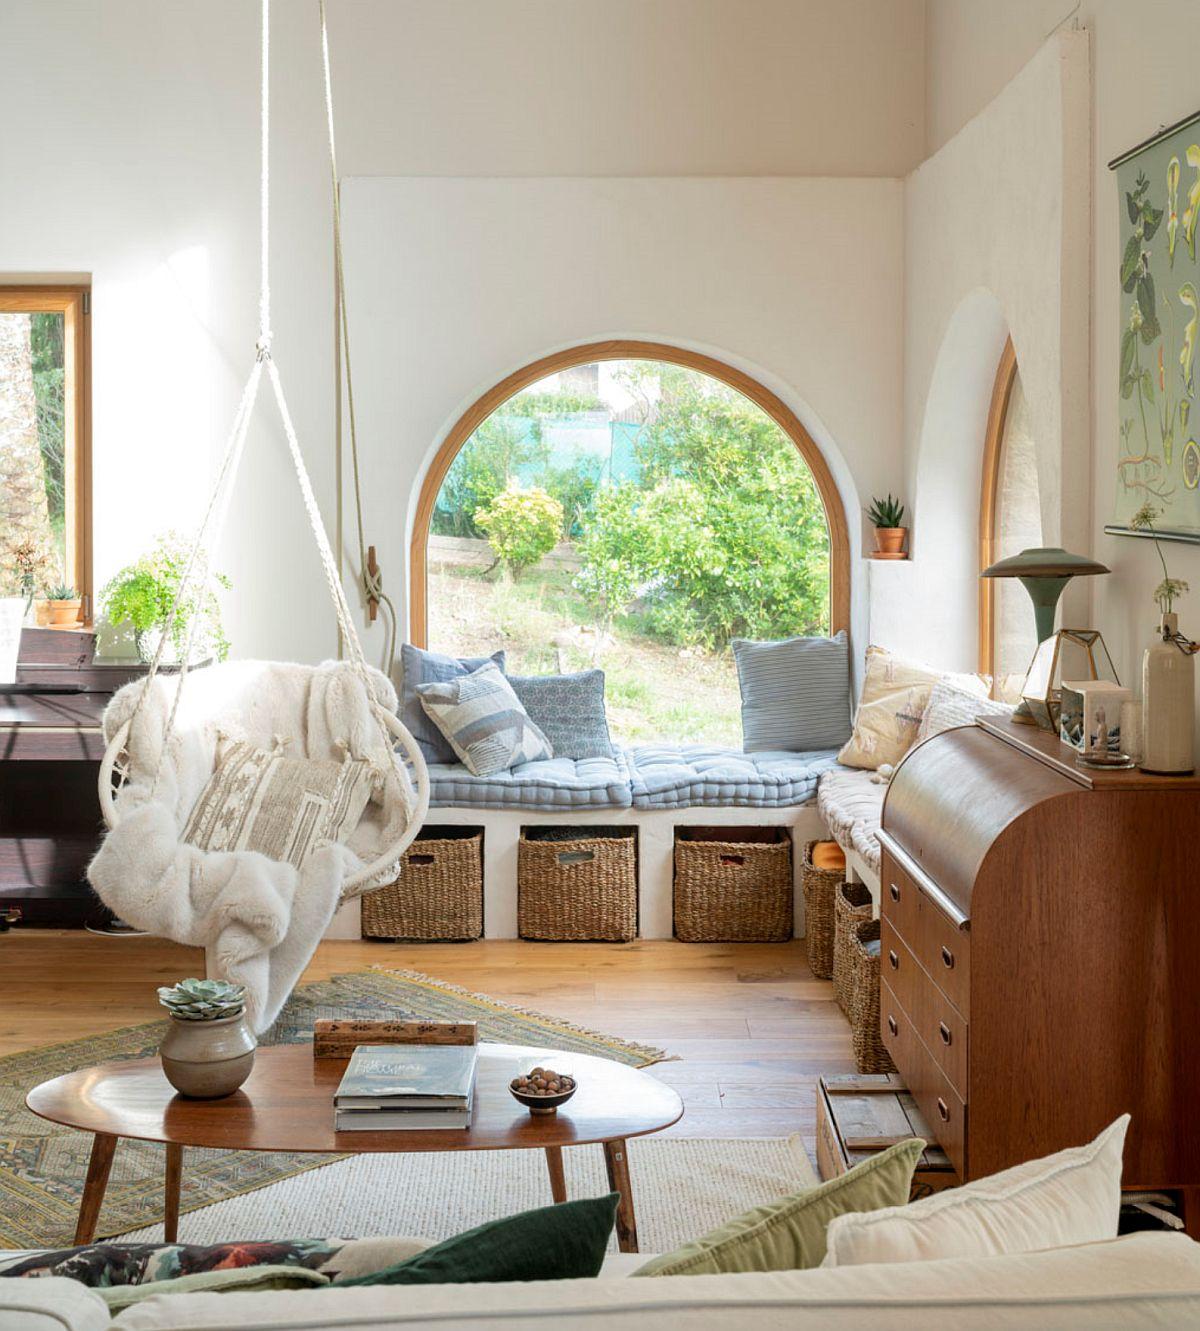 Pe aceeași parte a zidului care înglobează ușa de la intrare în casă, sunt înșiruite două ferestre cu desene diferite. Designerul a găsit soluția de a le armoniza prin construirea în jurul ferestrelor în arcadă a unui încadrament pe drept. De asemenea, de o parte și de alta a colțului cu ferestre sunt așezate piese care au aproximativ aceeași înălțime (pianină și birou cu capac), realizându-seastfel un ansamblu ordonat în partea inferioară a camerei.